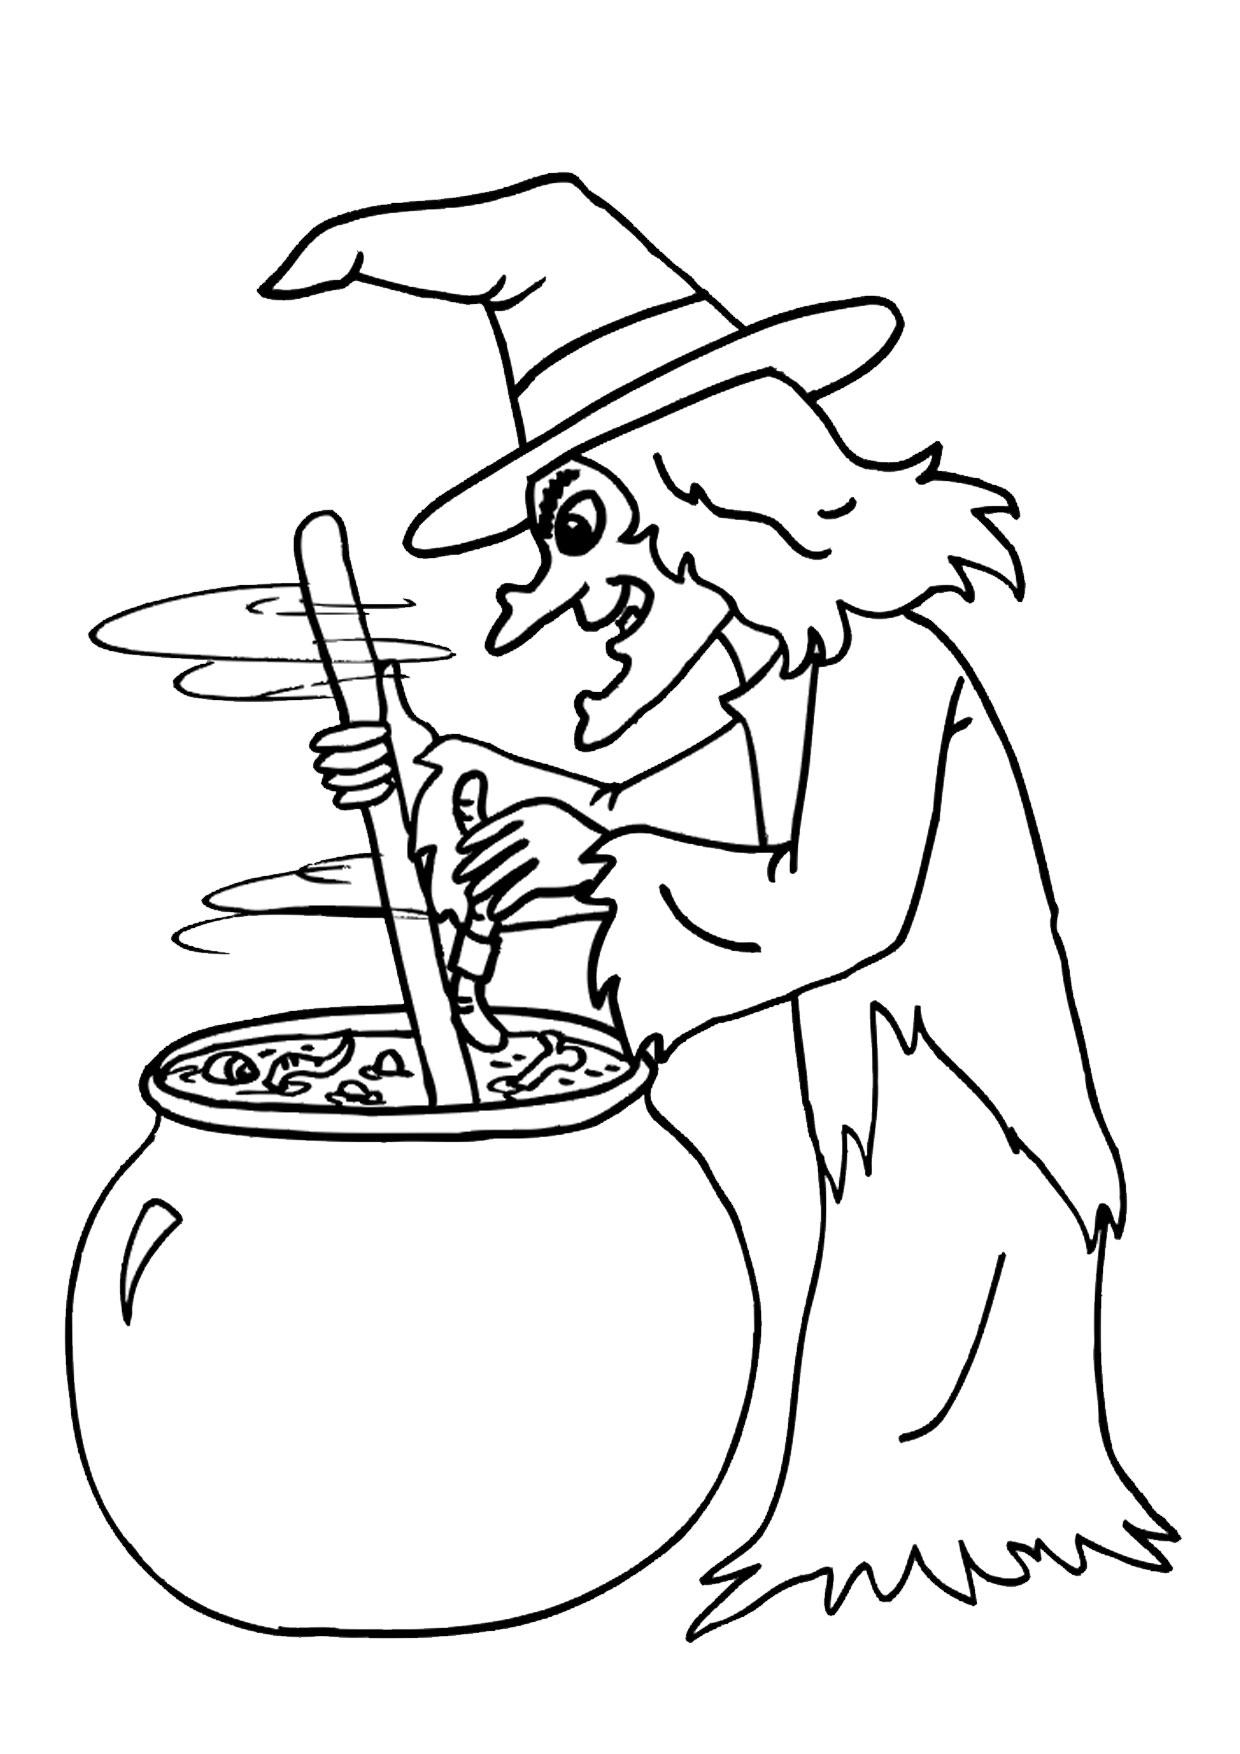 Disegno di strega da colorare 08